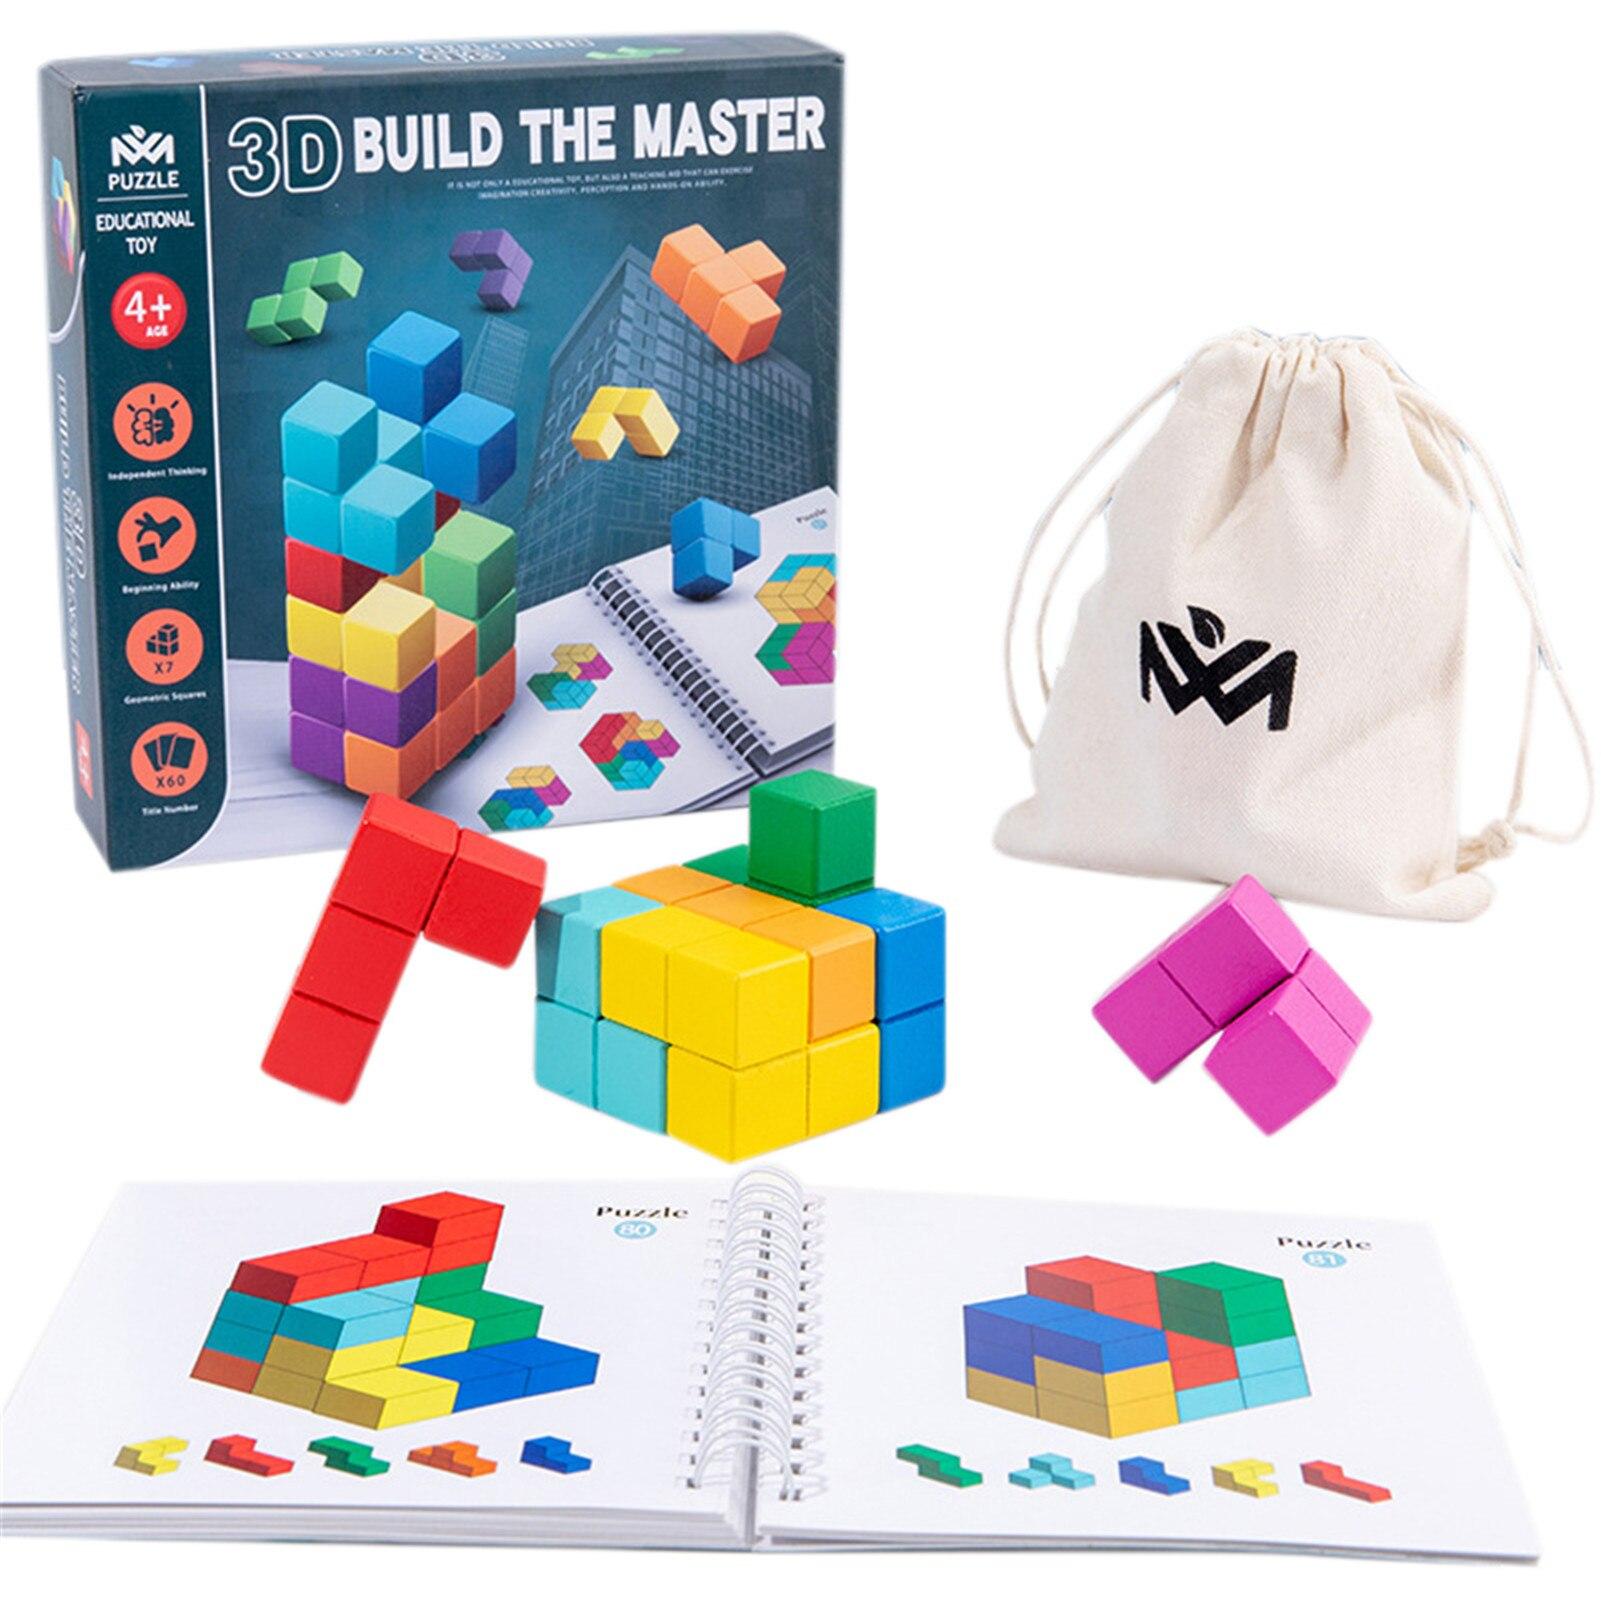 de jogos com tijolos coloridos brinquedos para criancas 05